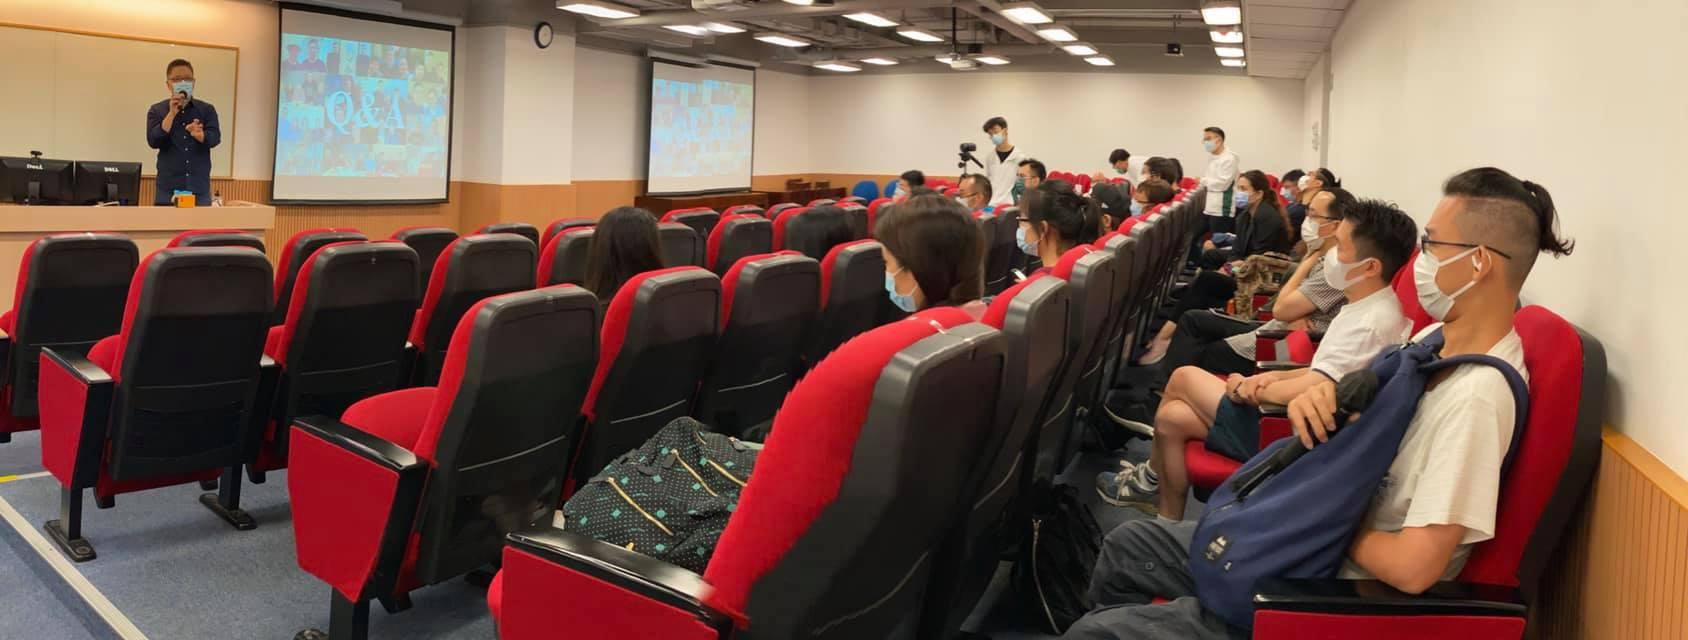 僱員再培訓局「創意數碼媒體設計及製作助理證書課程」即將開課